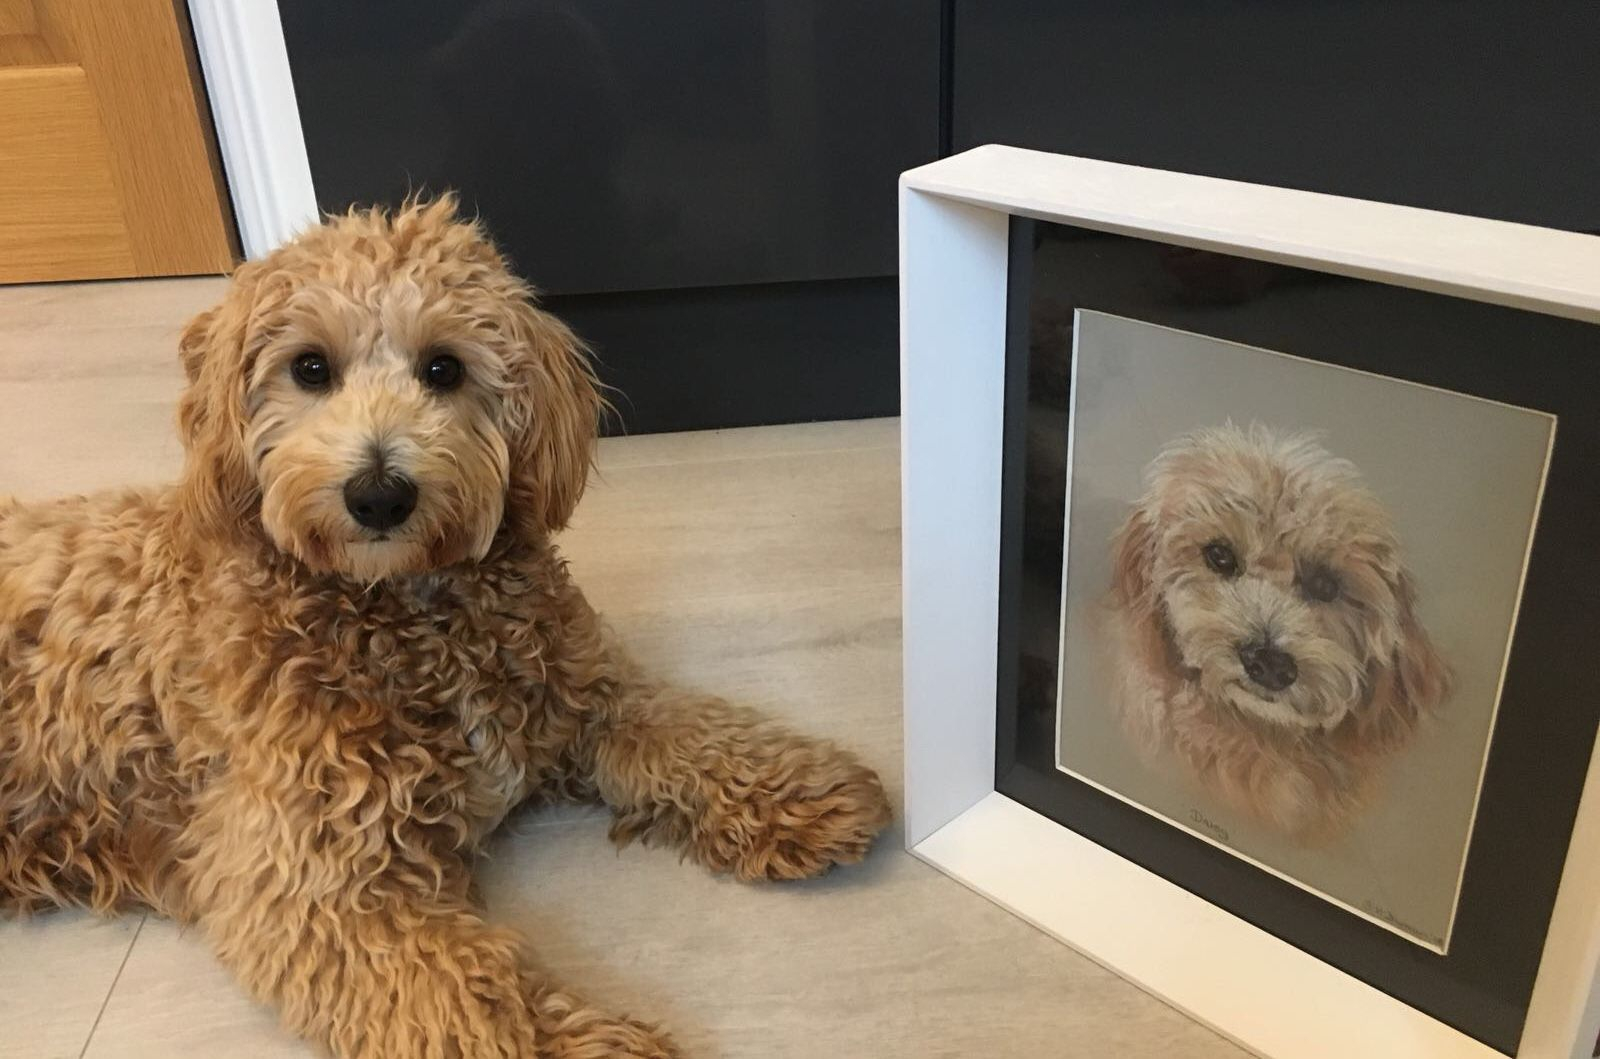 Comnmission a pet portrait